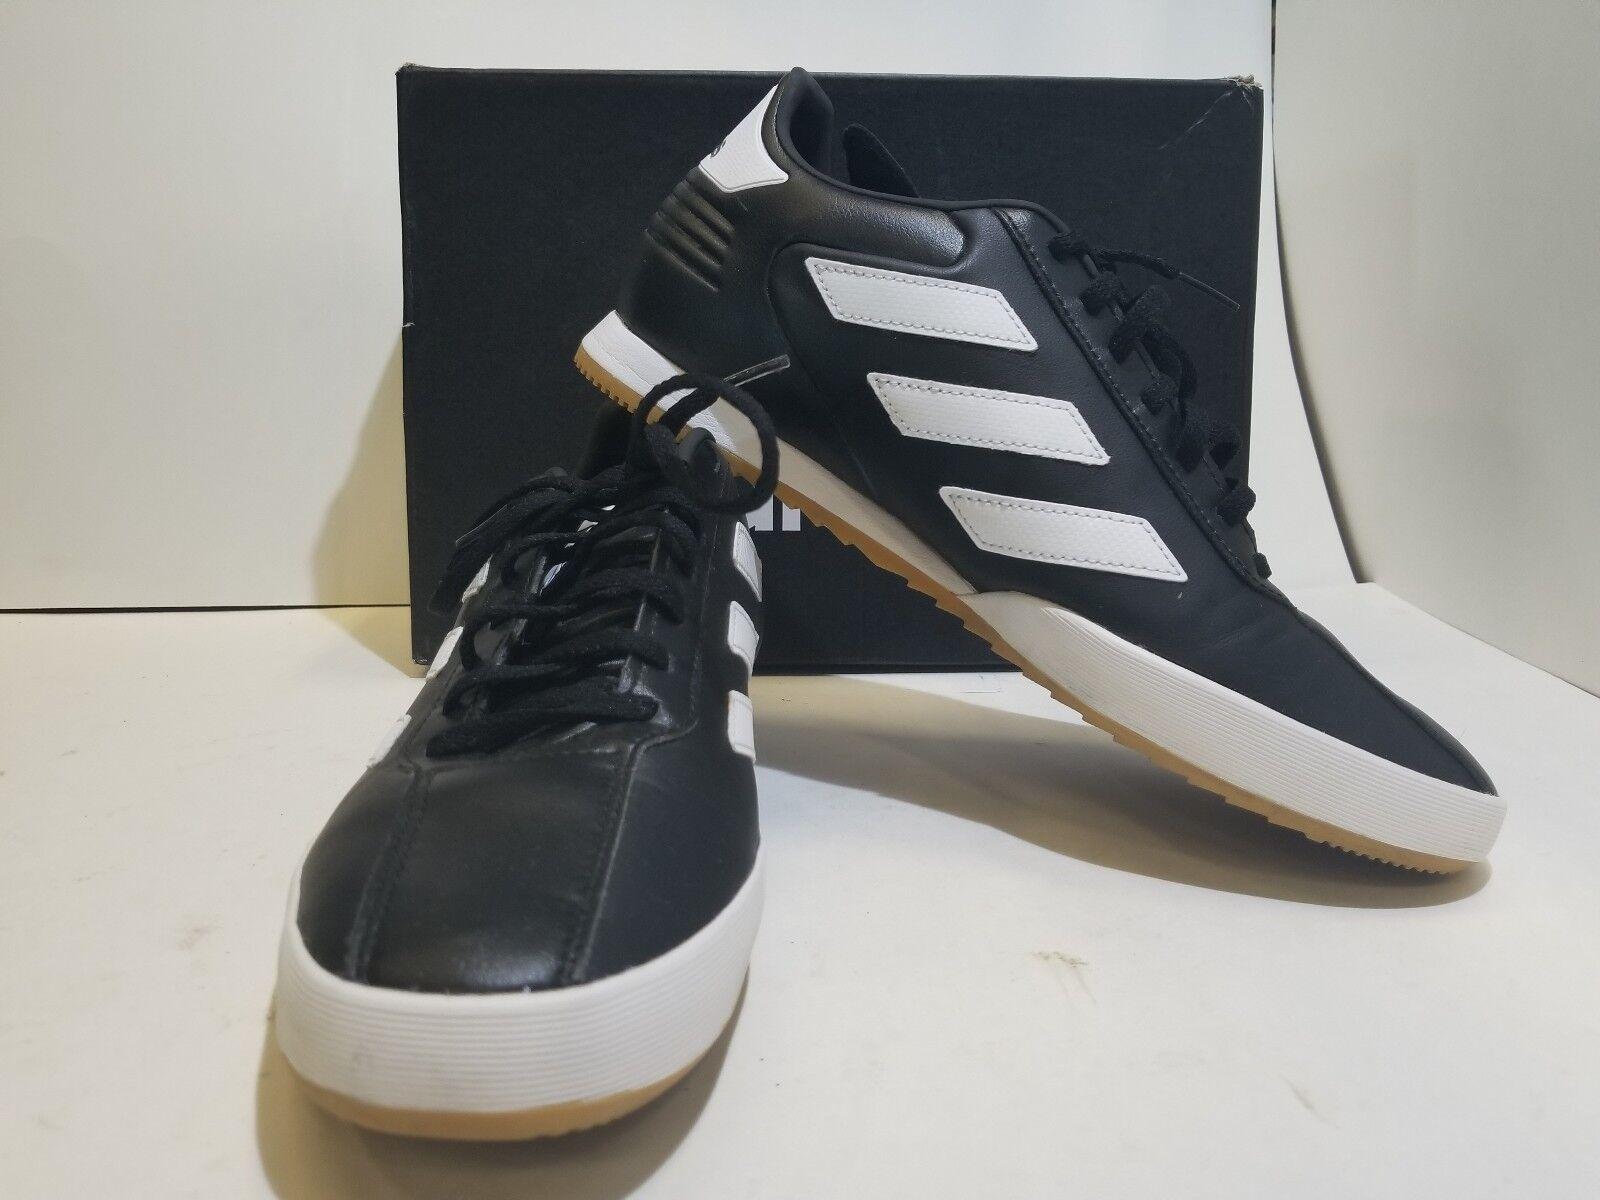 Adidas Copa Super Black DB1881 Mens US 10.5